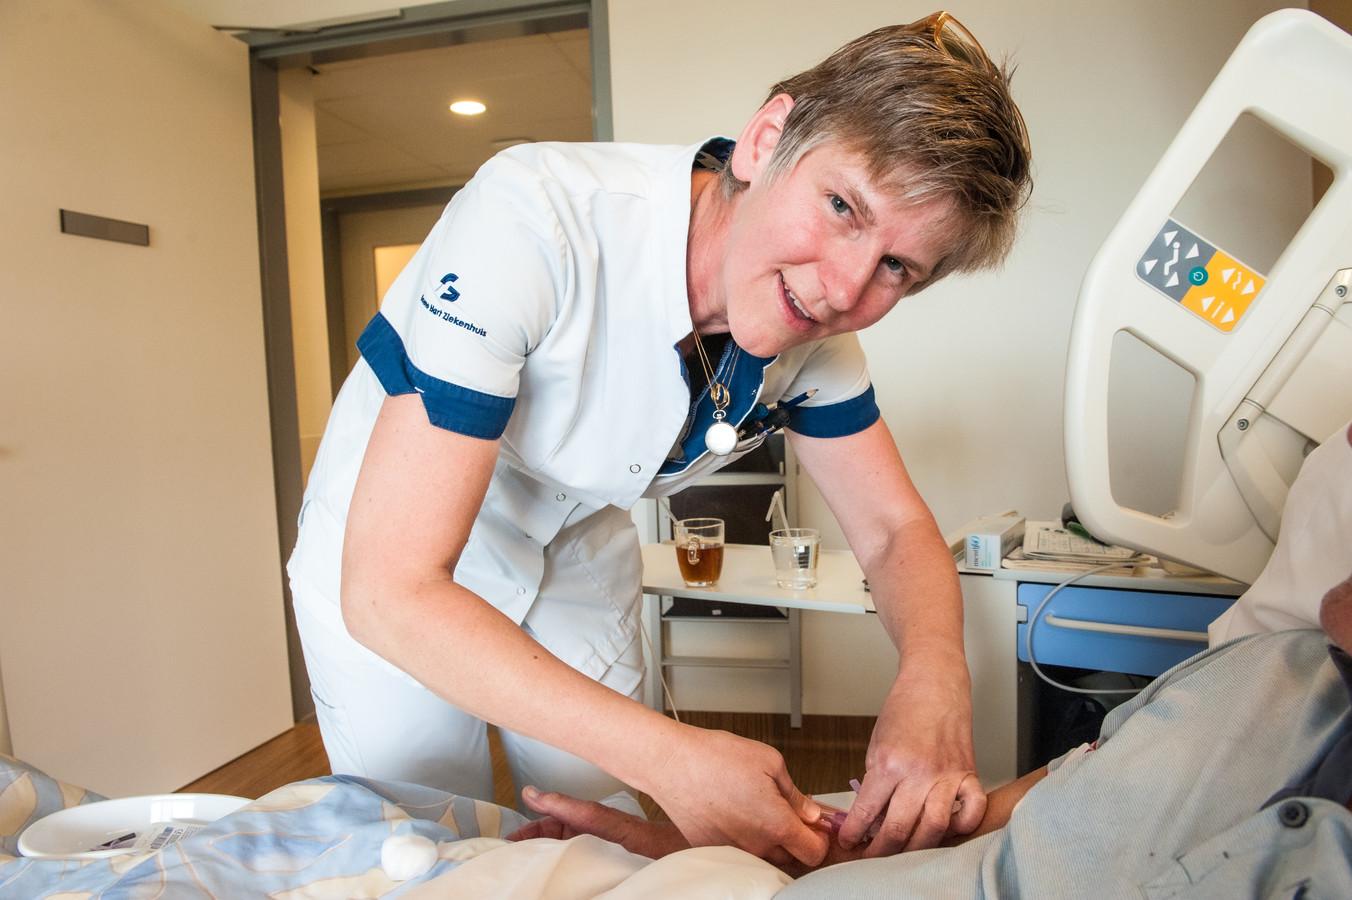 Martine Stöcker neemt bloed af bij een patiënt. Even later zal zij het analyseren in het ziekenhuislaboratorium.